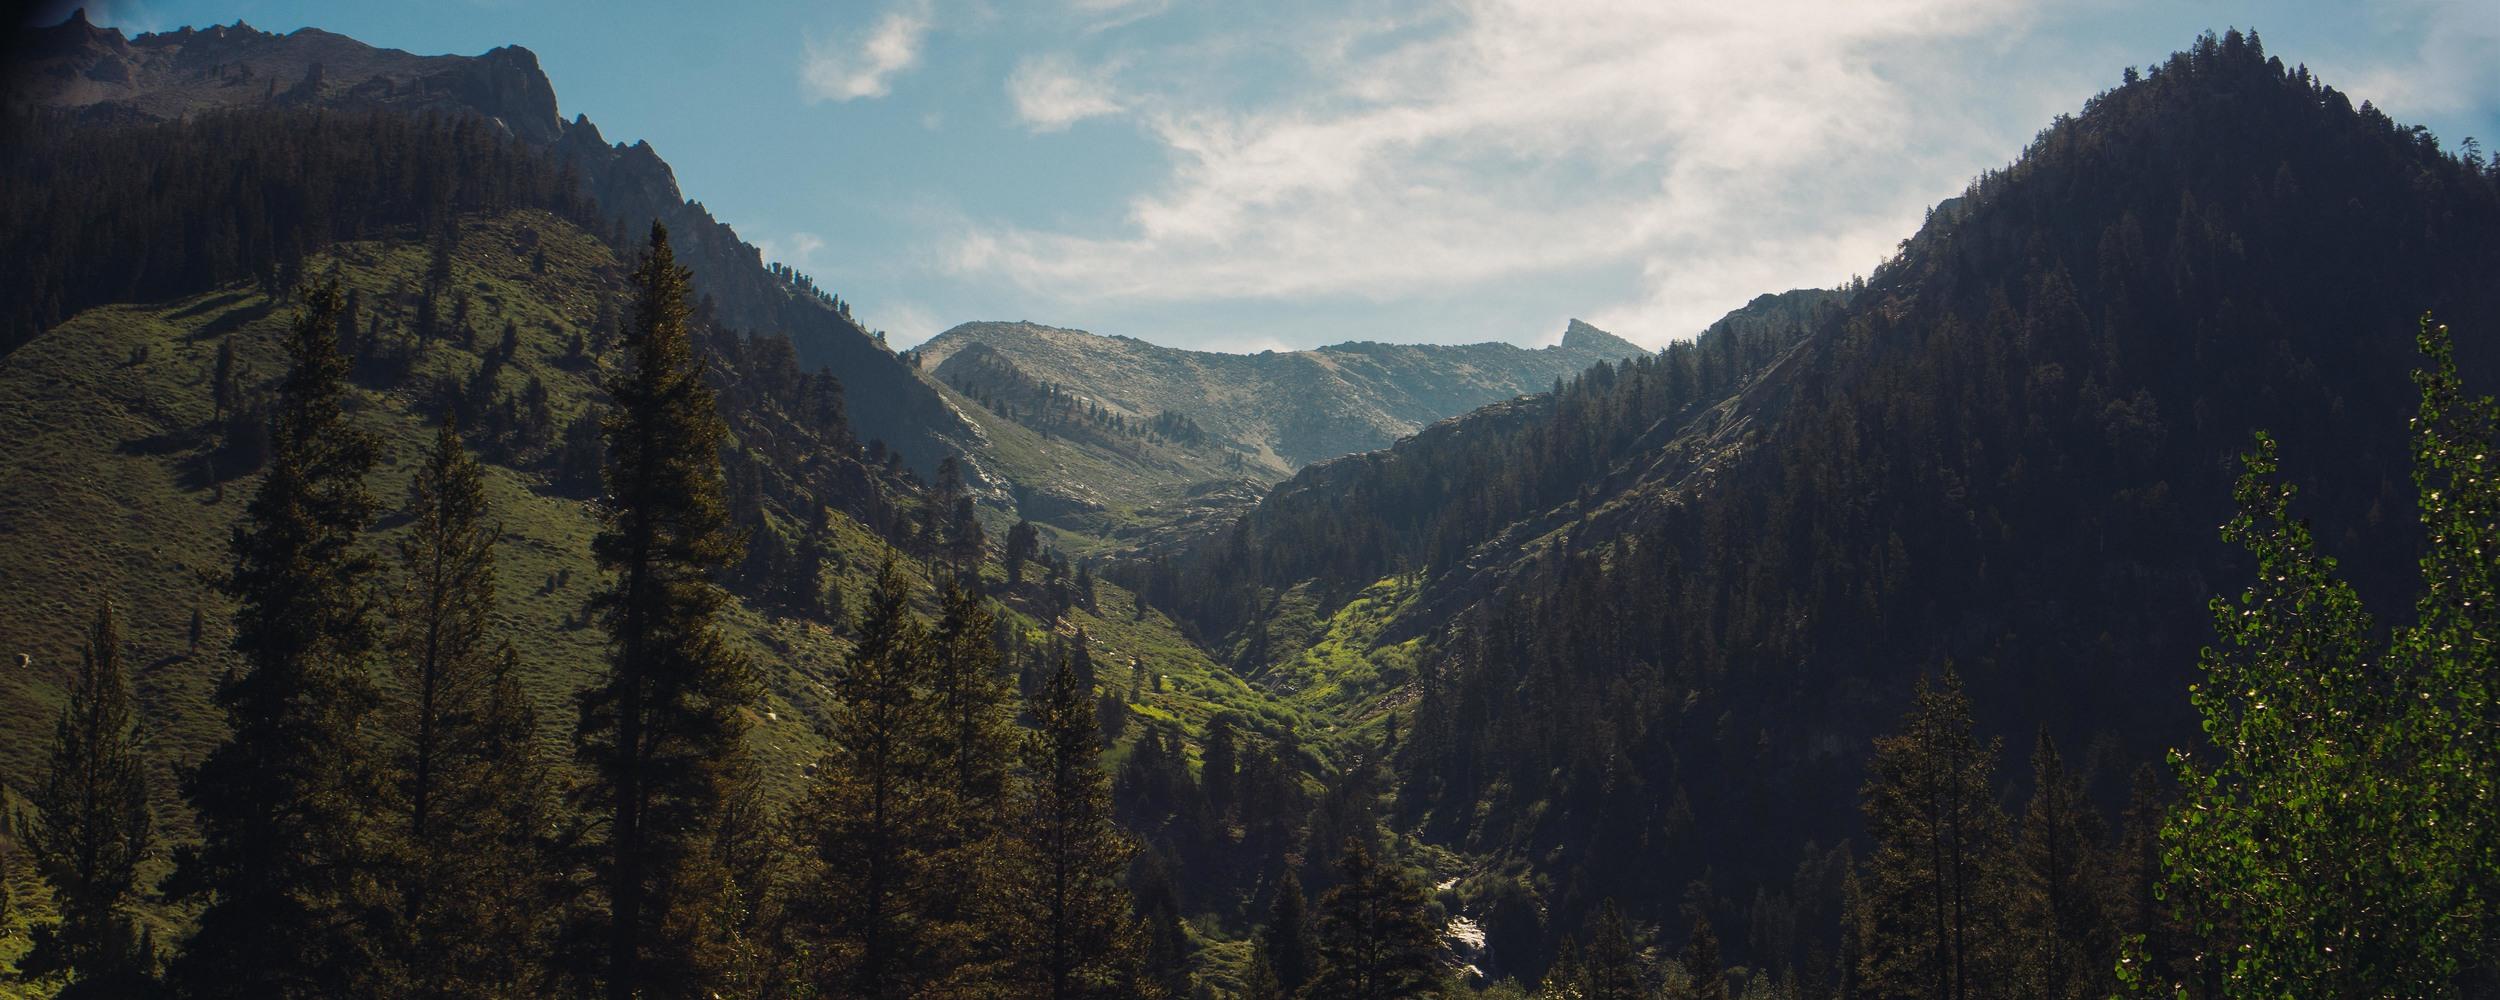 cali camping-15.jpg